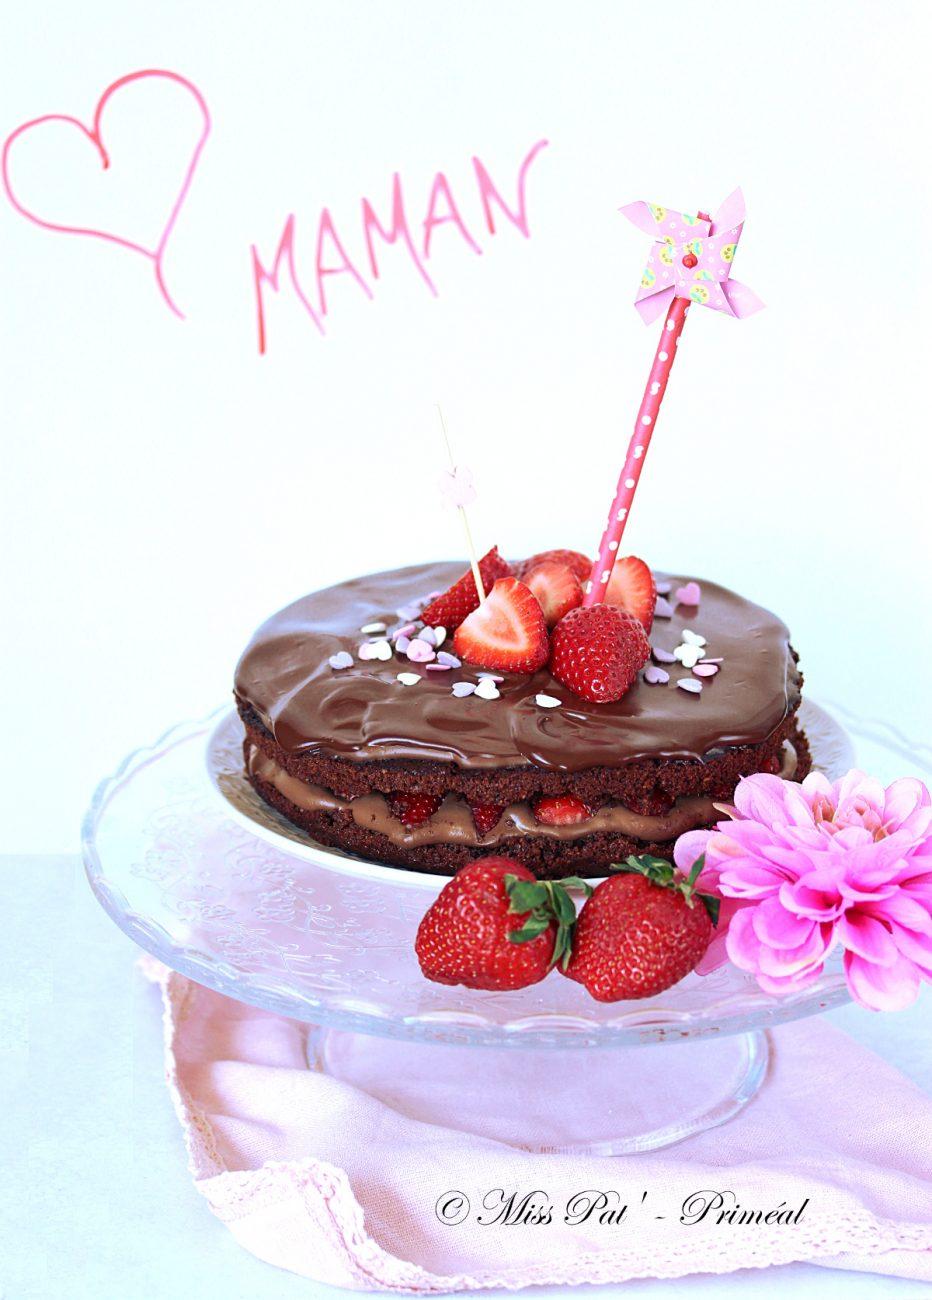 Recette bio : Gâteau au chocolat noir pour maman